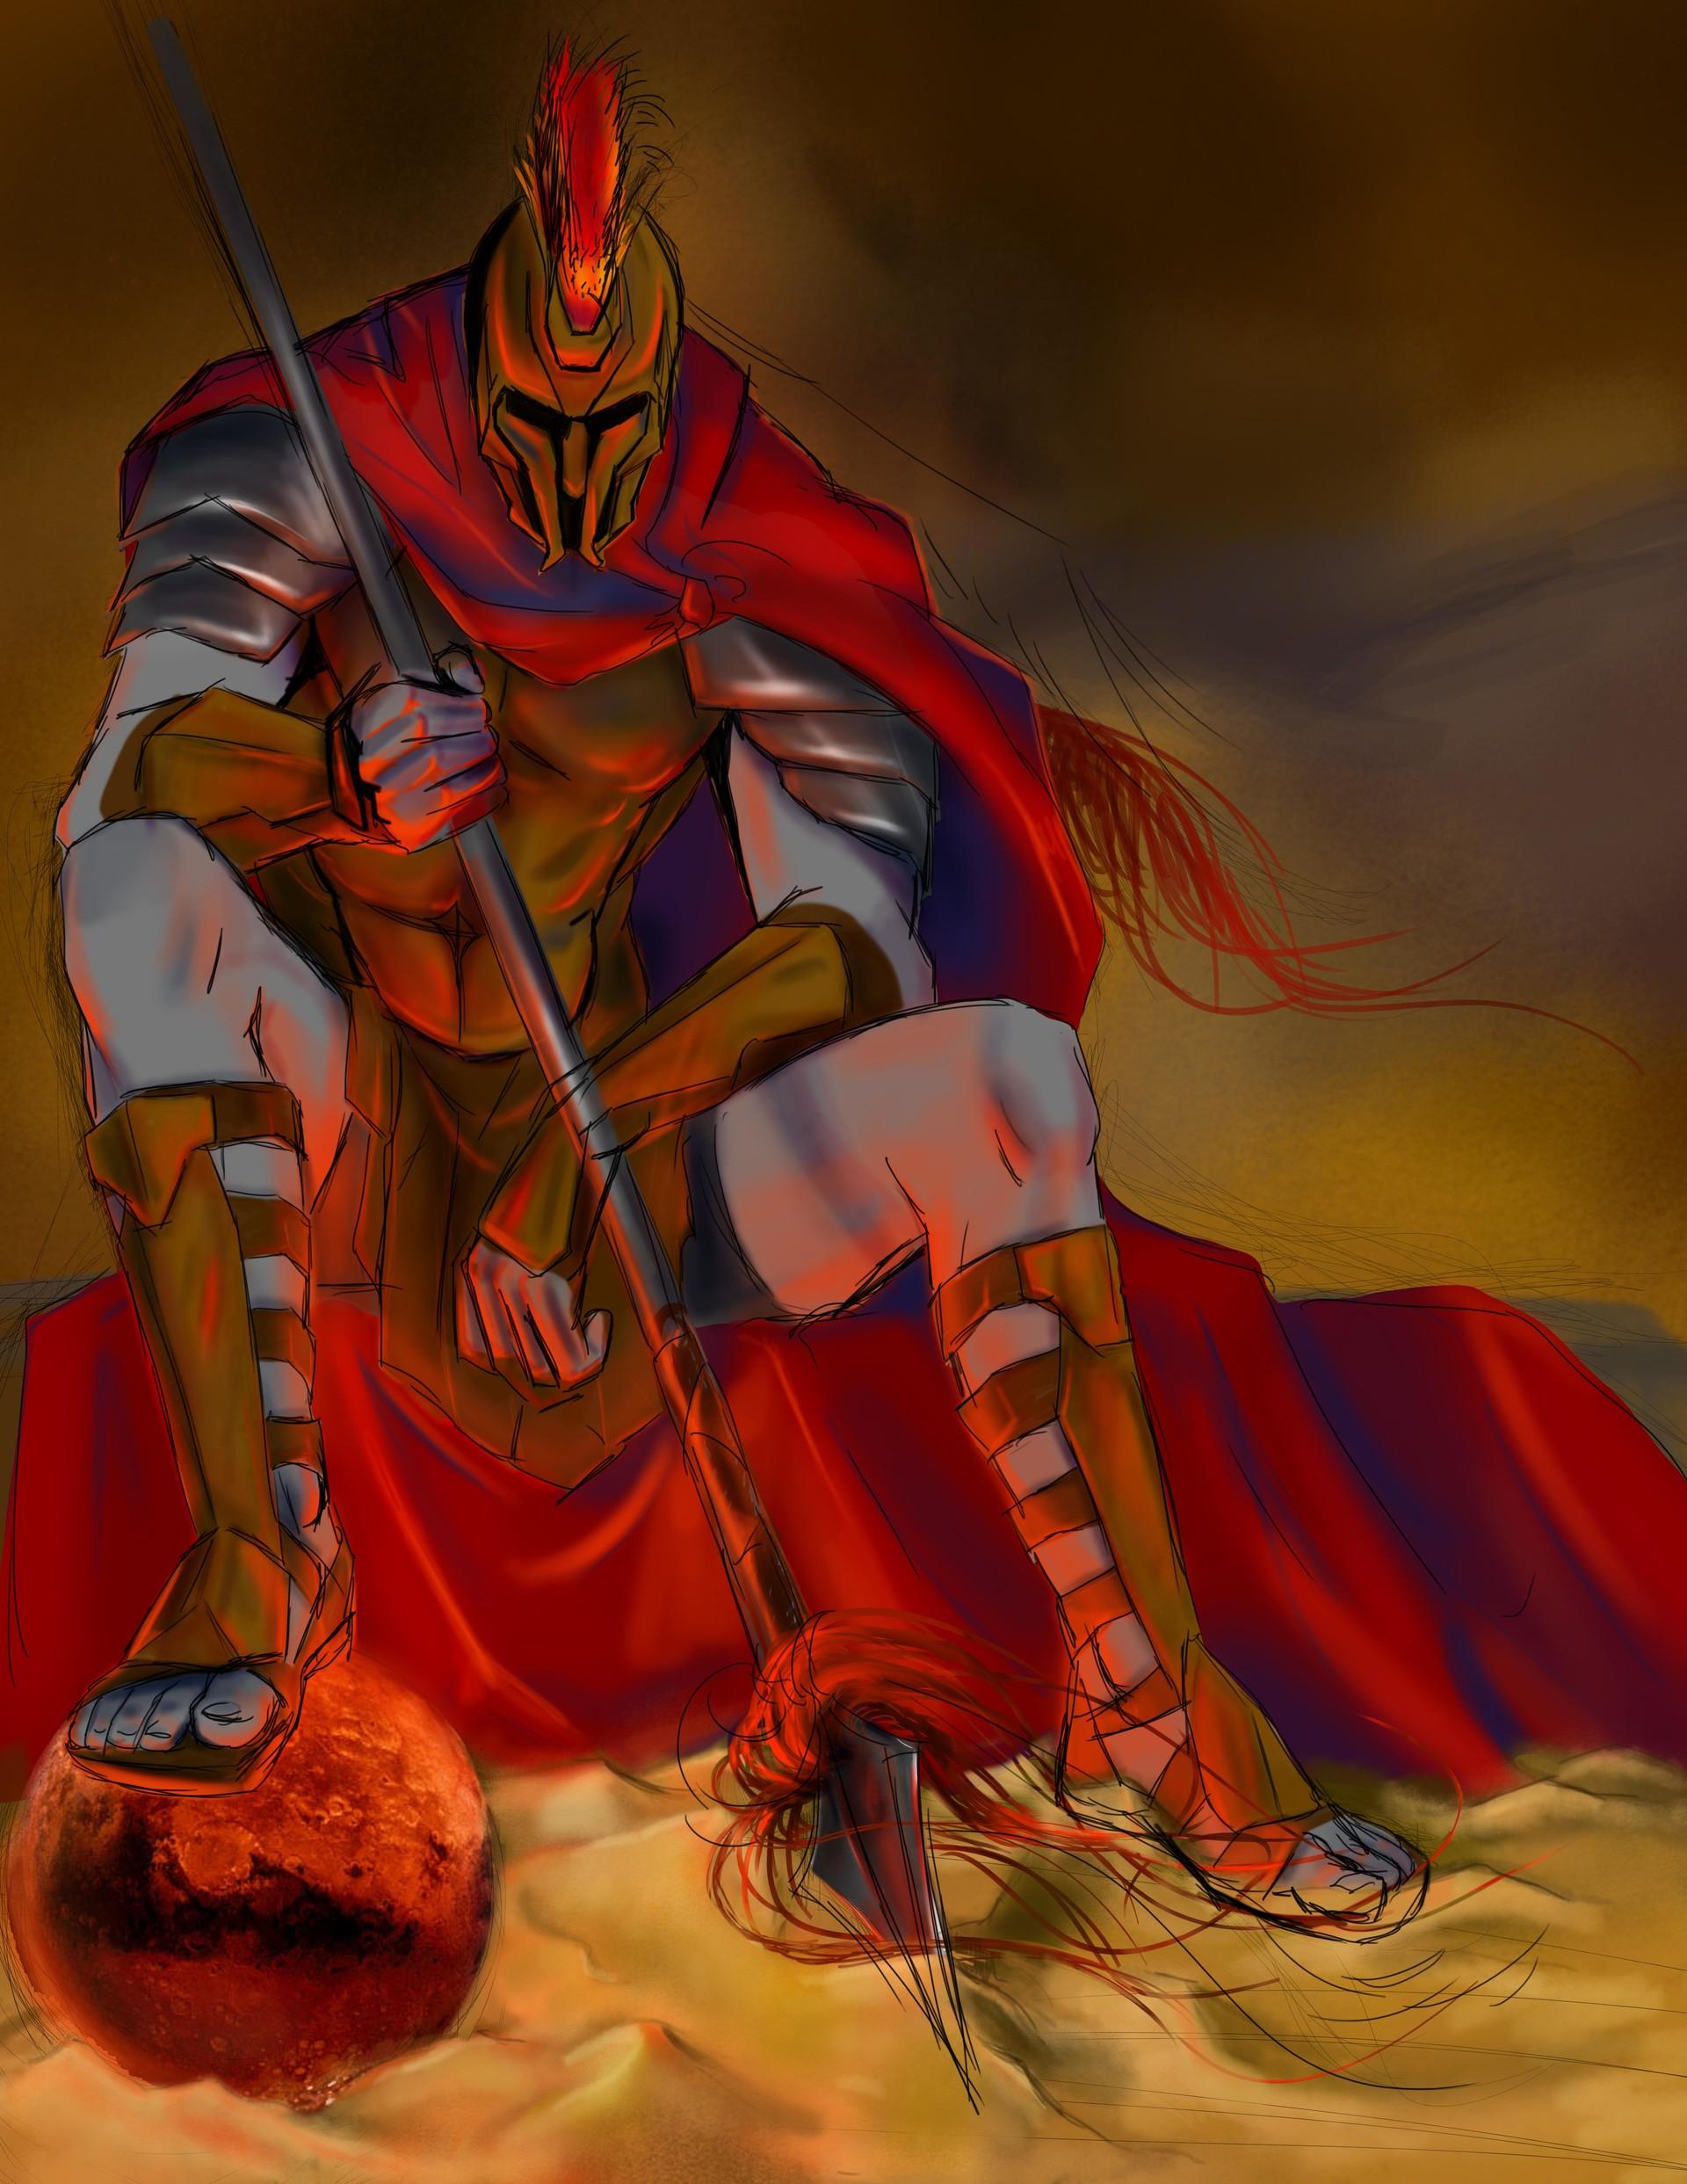 BME Artwork - Ares, God of War